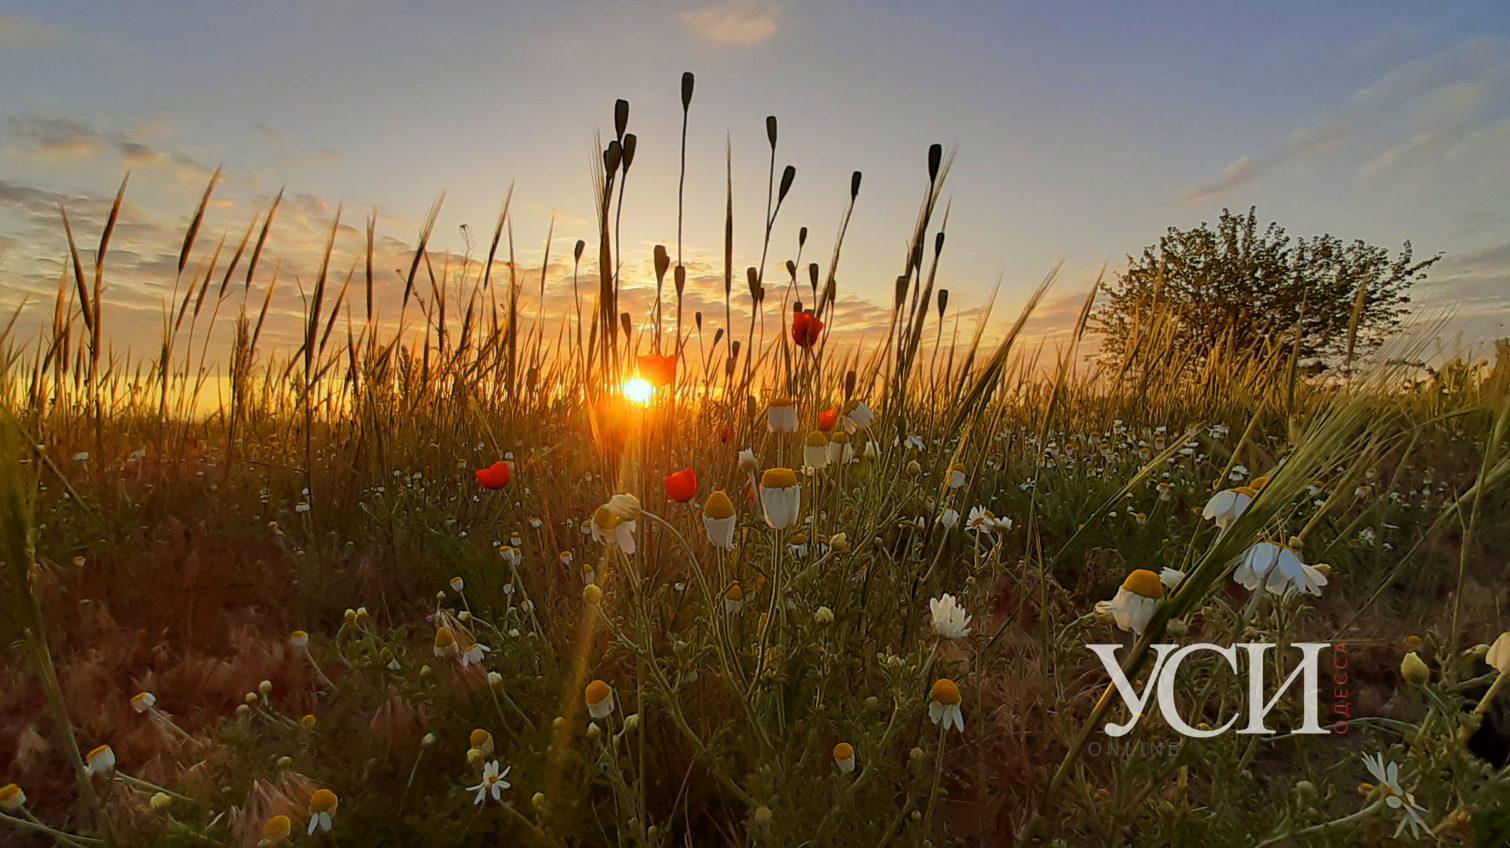 Волшебные рассветы августа над полями и виноградниками в селе Шабо (фоторепортаж) «фото»